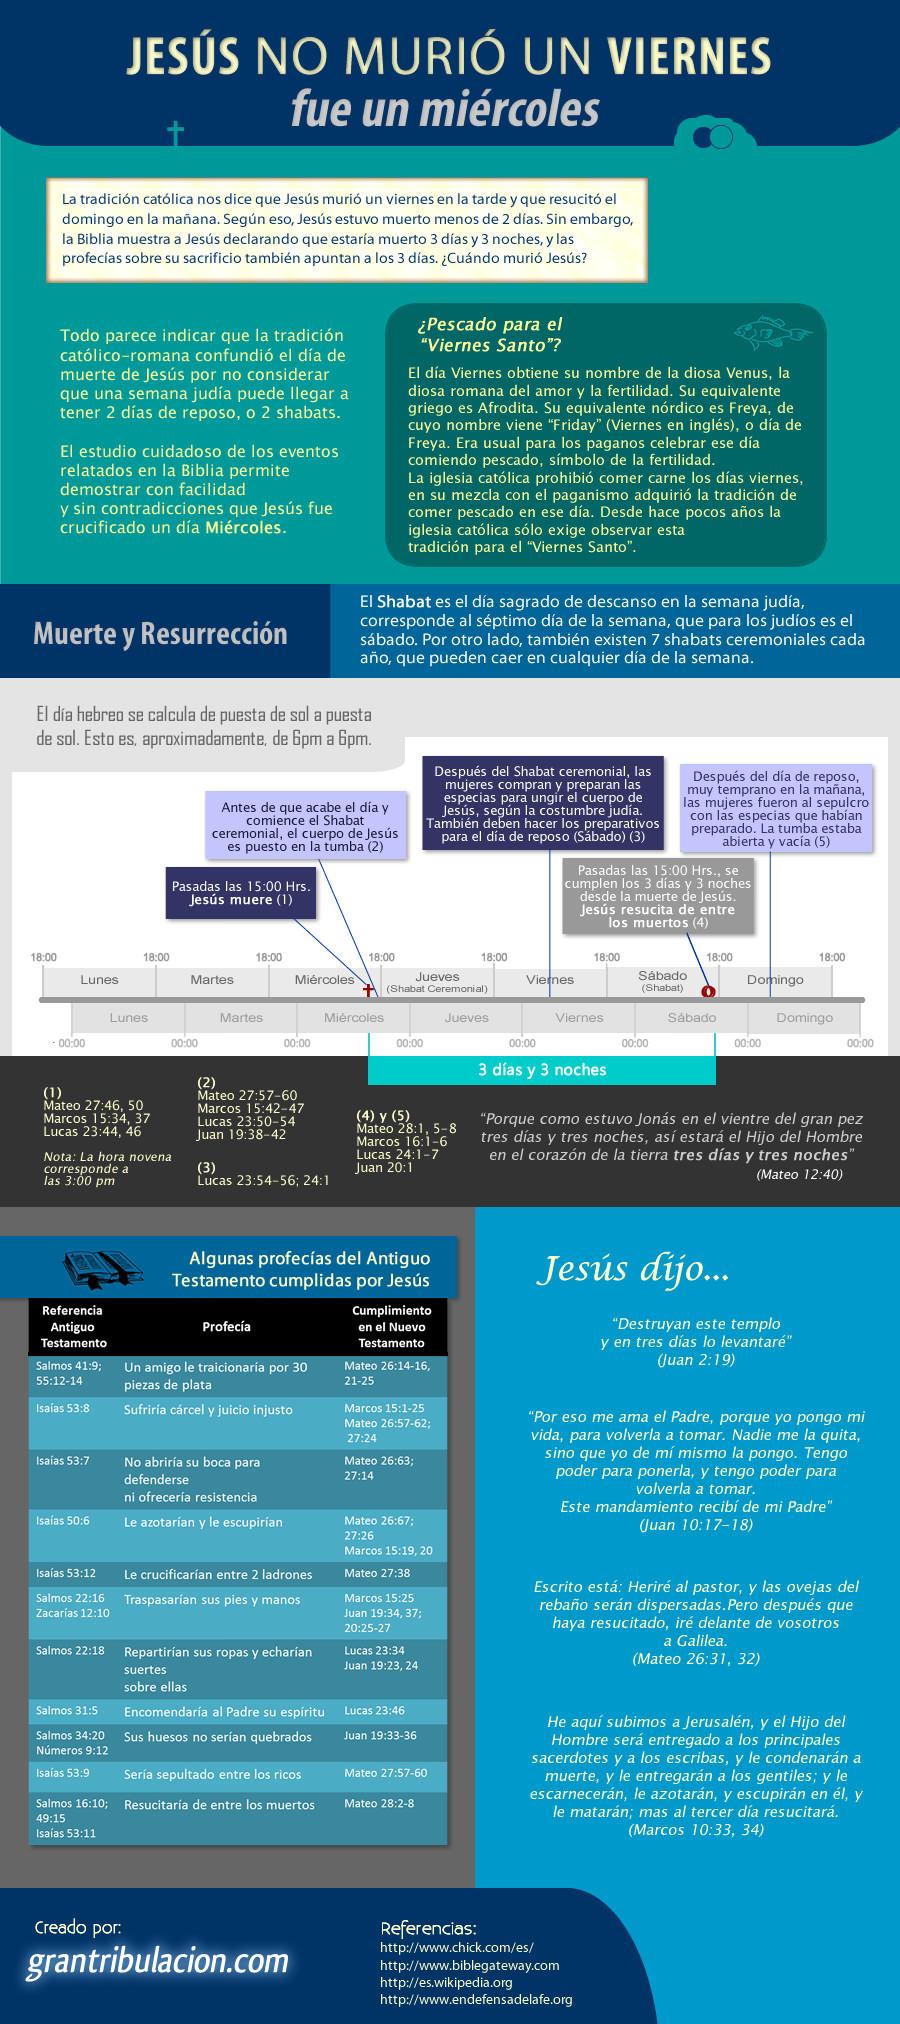 Jesús murió un miércoles, no un viernes